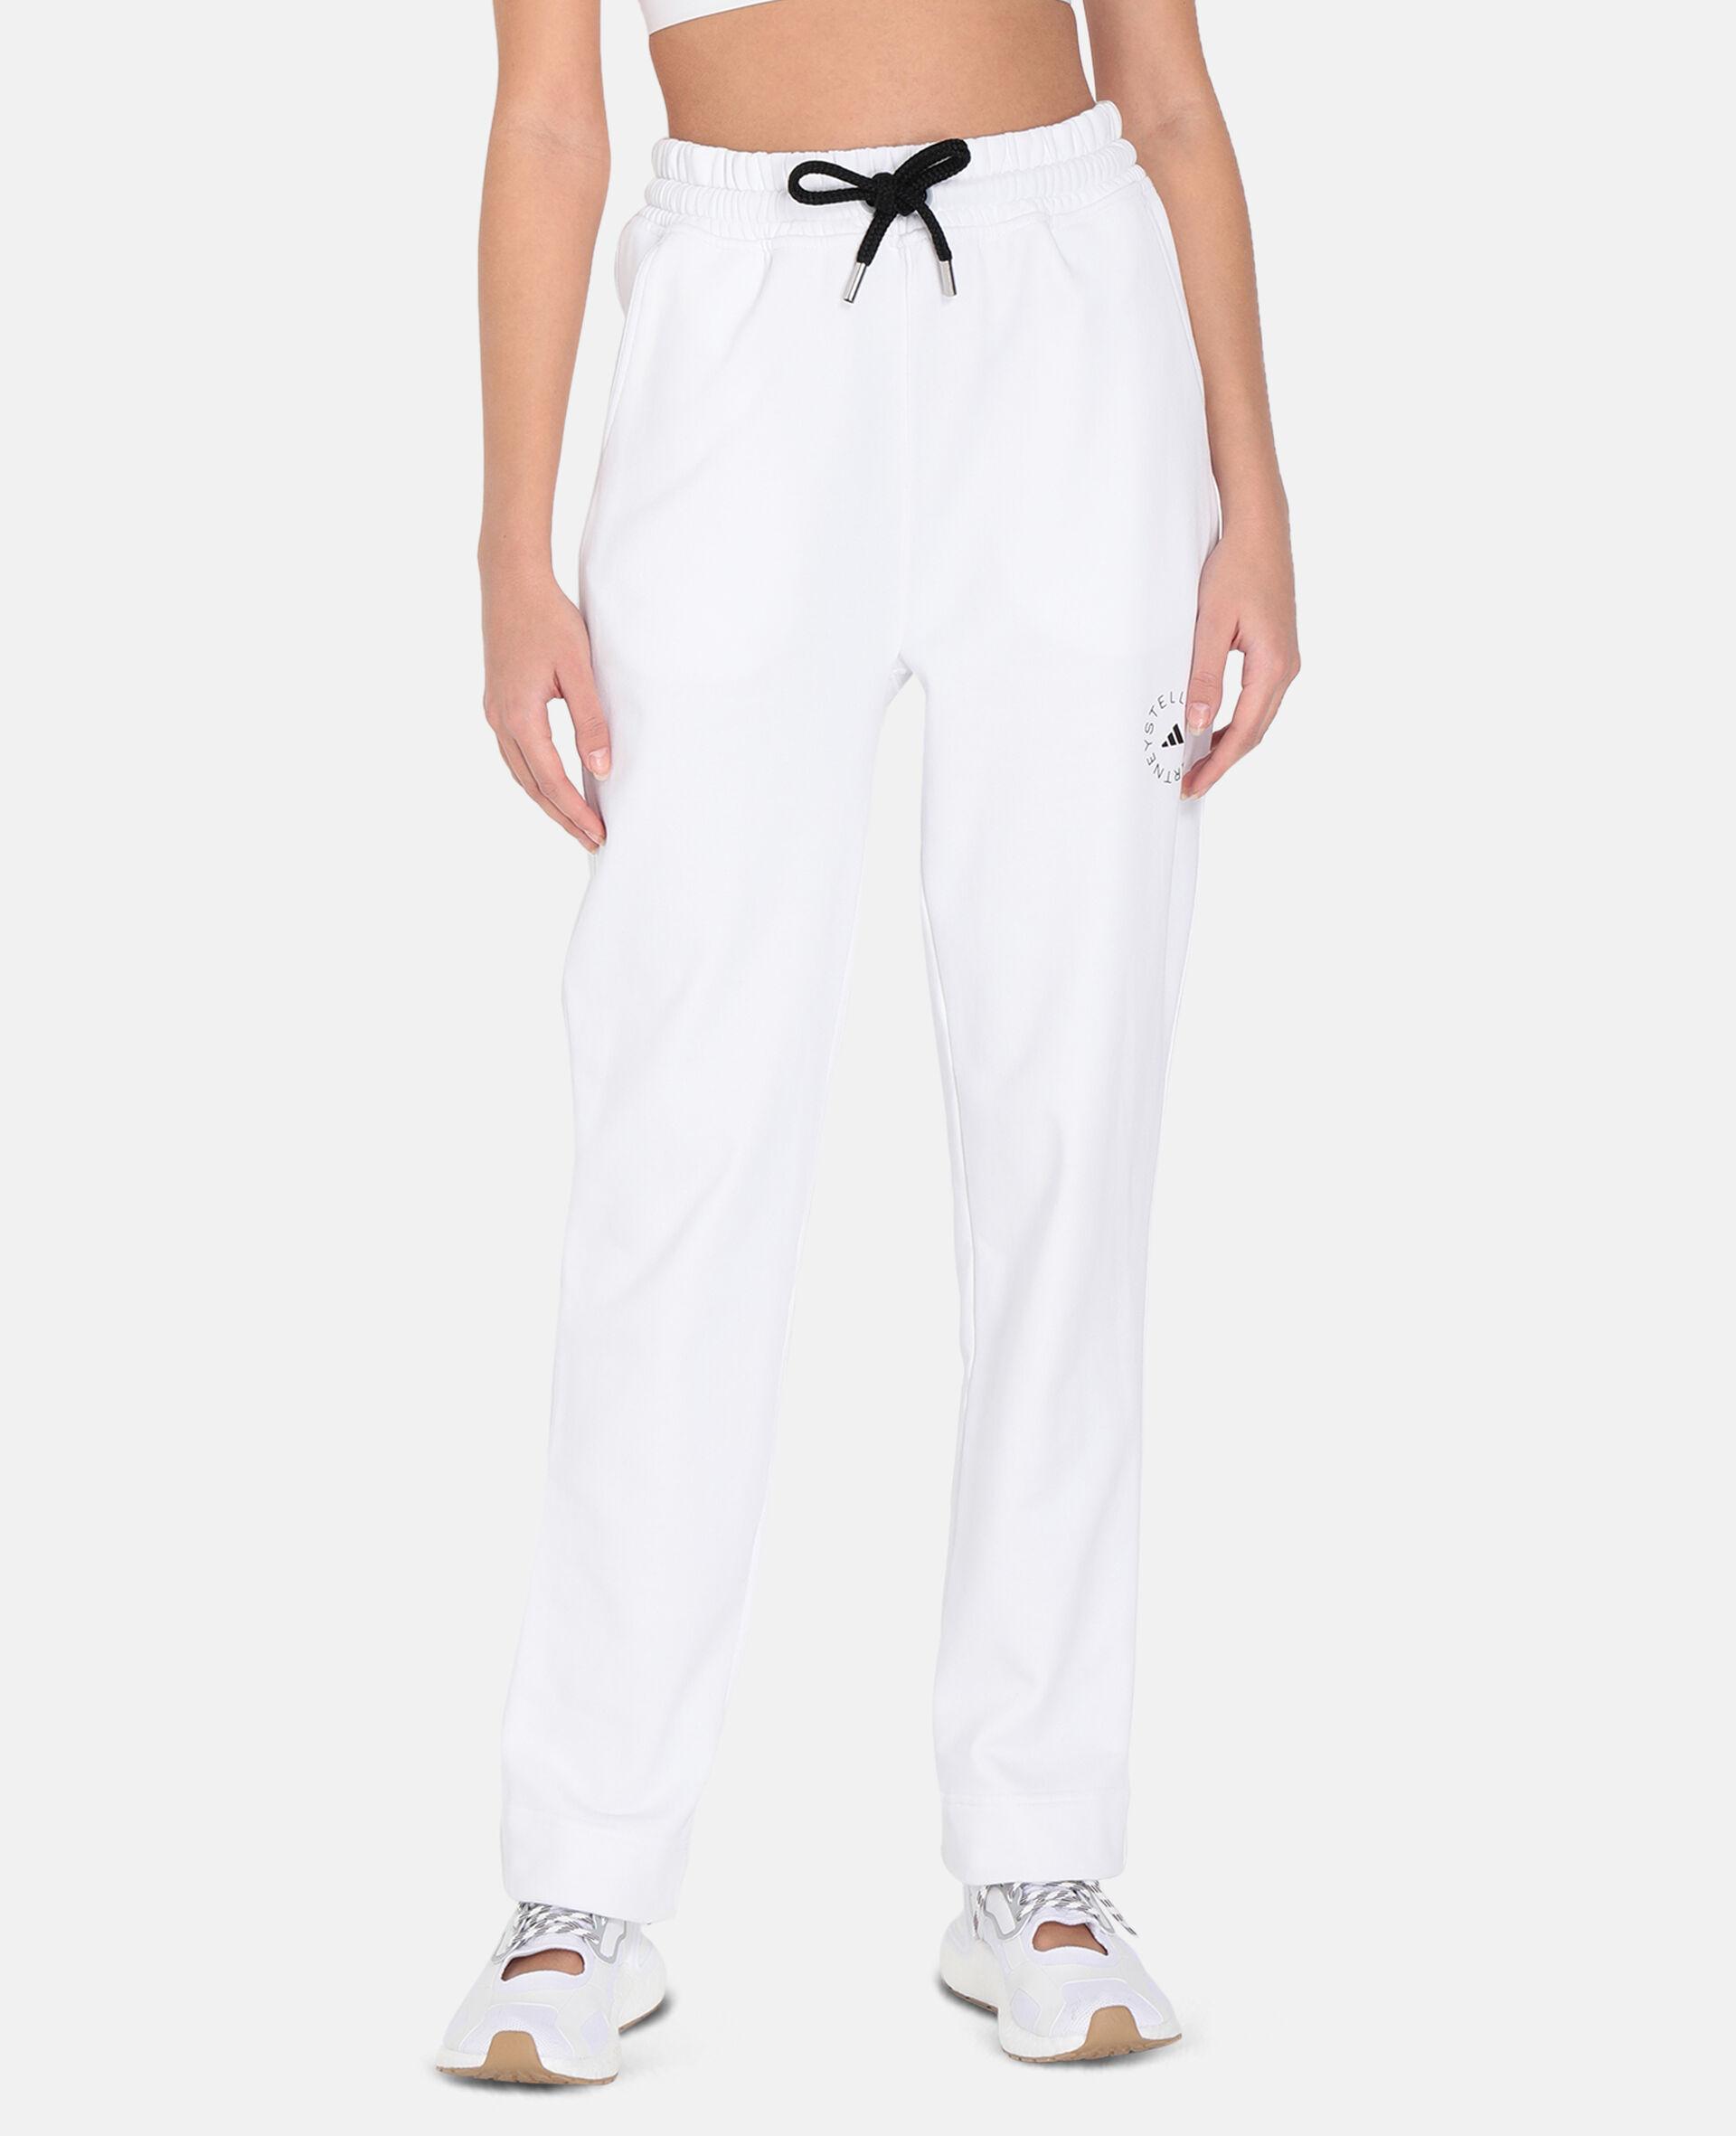 White Training Sweatpants -White-large image number 4